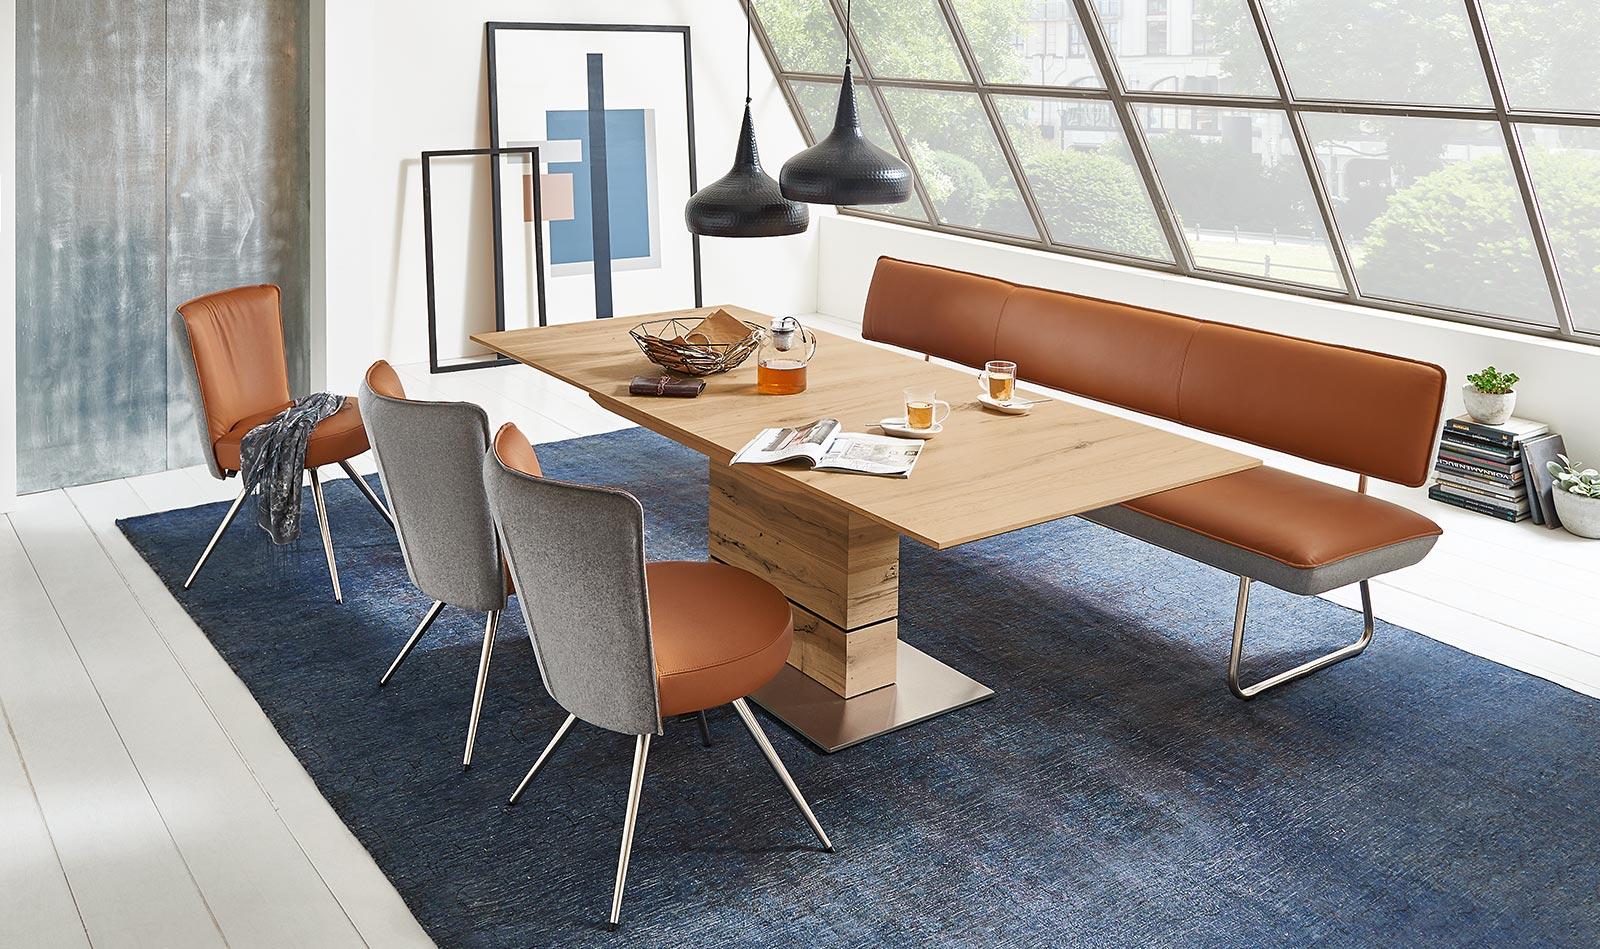 esszimmer programme impuls venjakob m bel. Black Bedroom Furniture Sets. Home Design Ideas